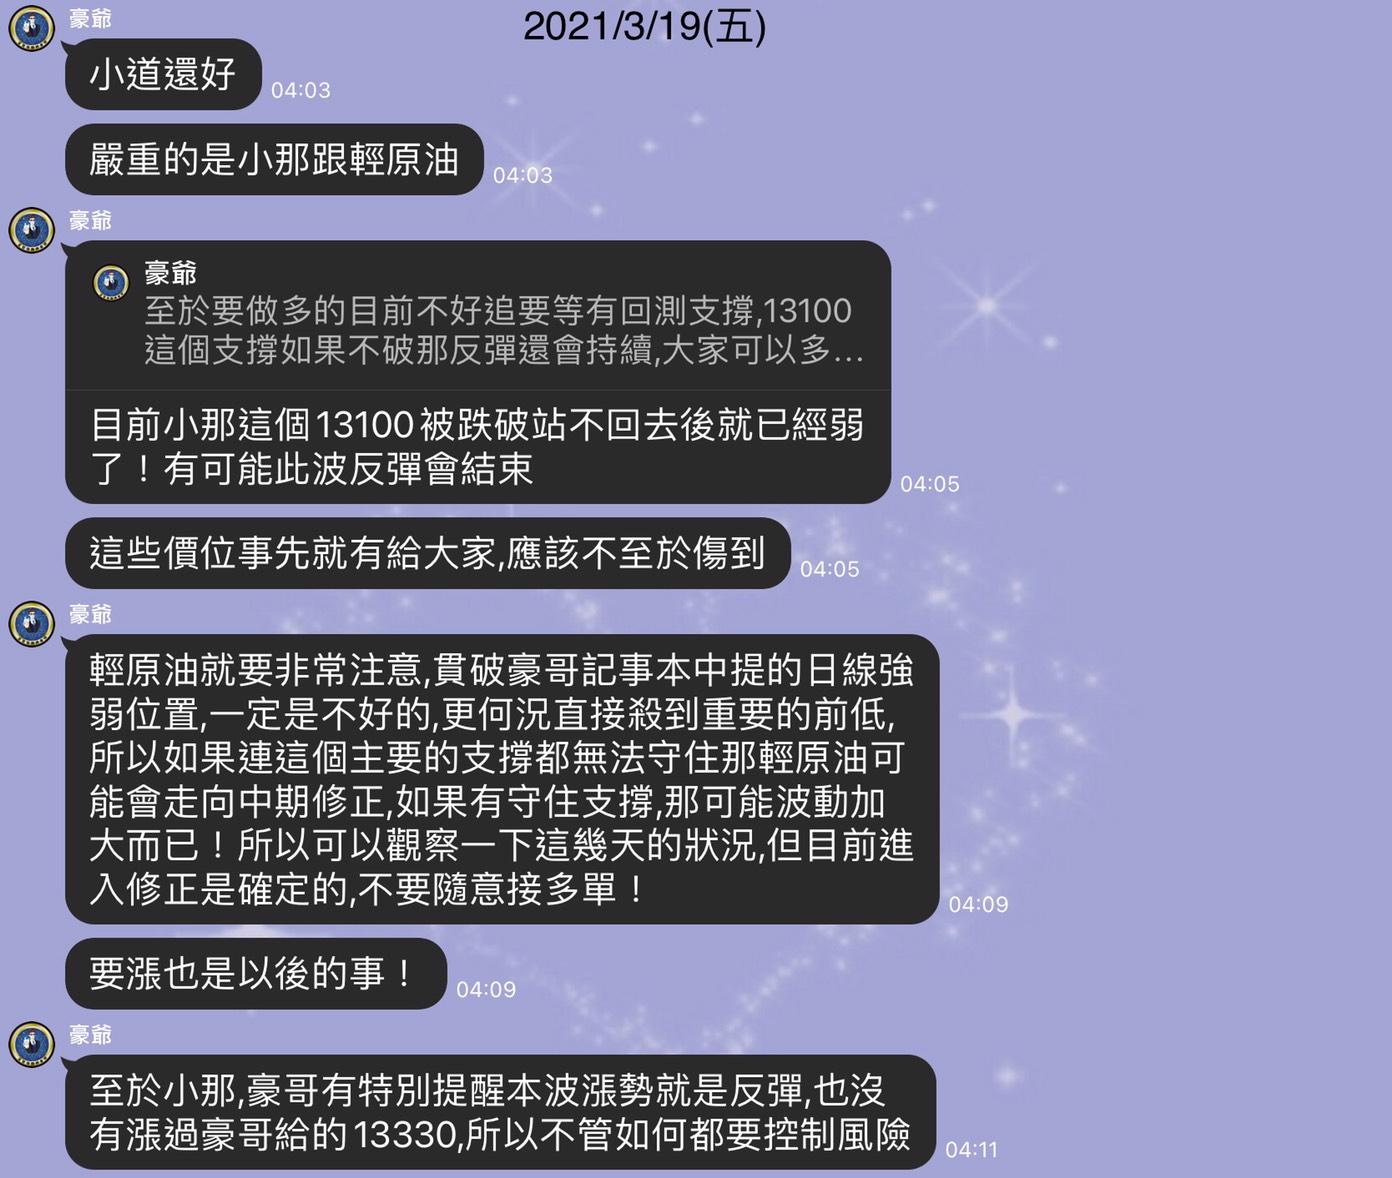 2021/03/22 豪爺週報_05